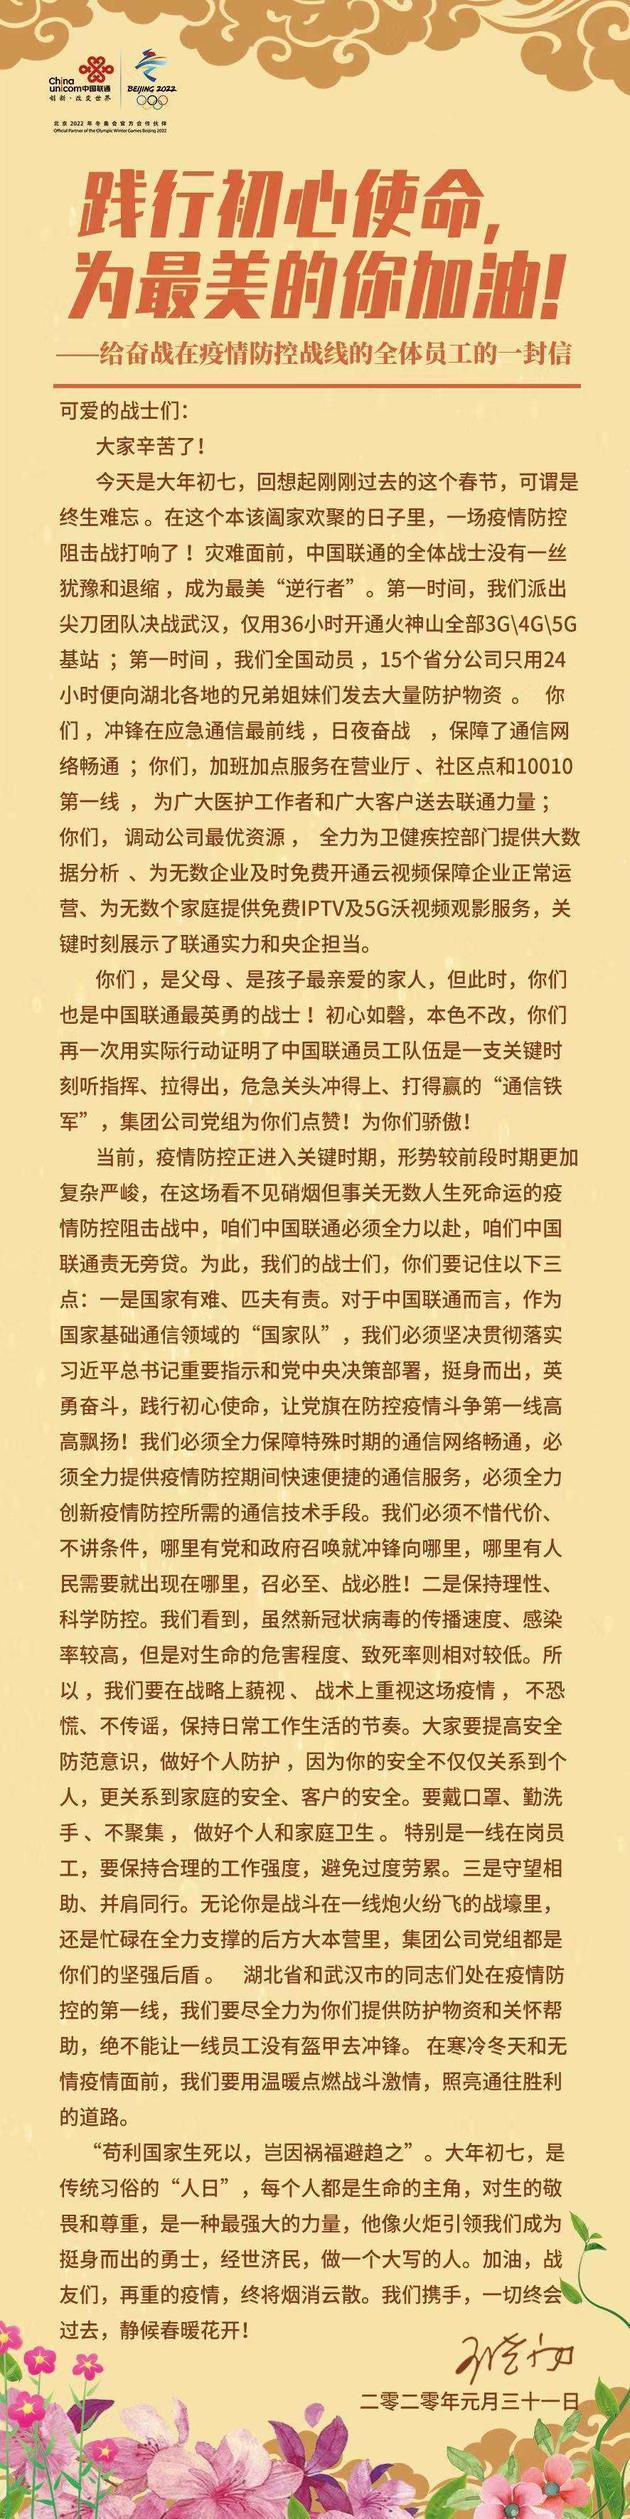 中国联通王晓初:全力保障特殊时期通信网络畅通